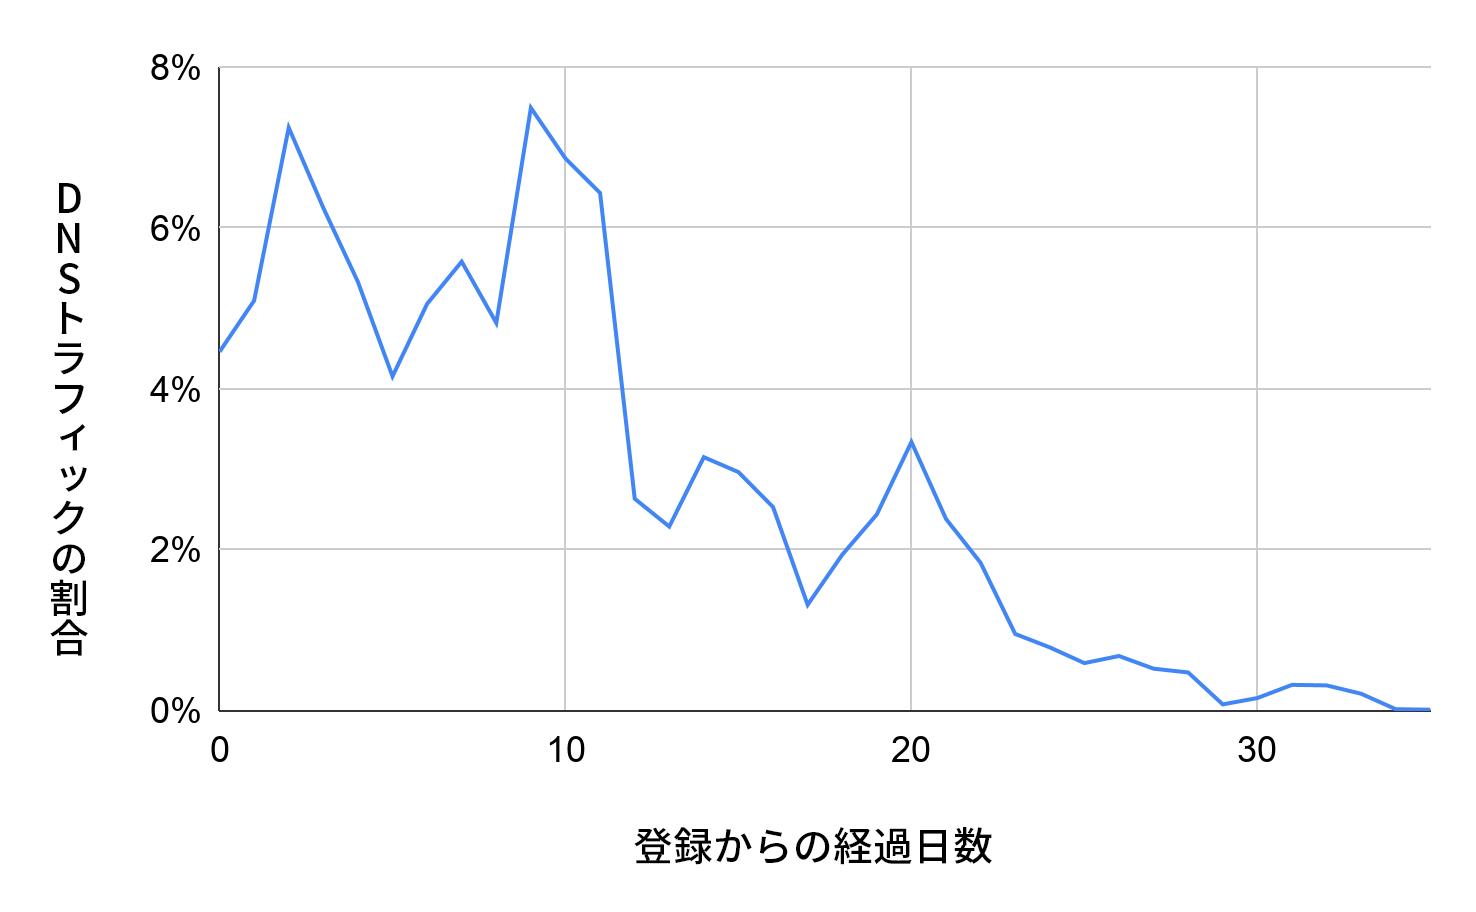 X軸は登録からの日数を表し、Y軸はDNSトラフィックの割合を表します。青い線は、登録後の悪意のあるドメインのDNSトラフィックの分布を示しています。これらを早期に特定することで、プロアクティブなDNSセキュリティが可能になります。